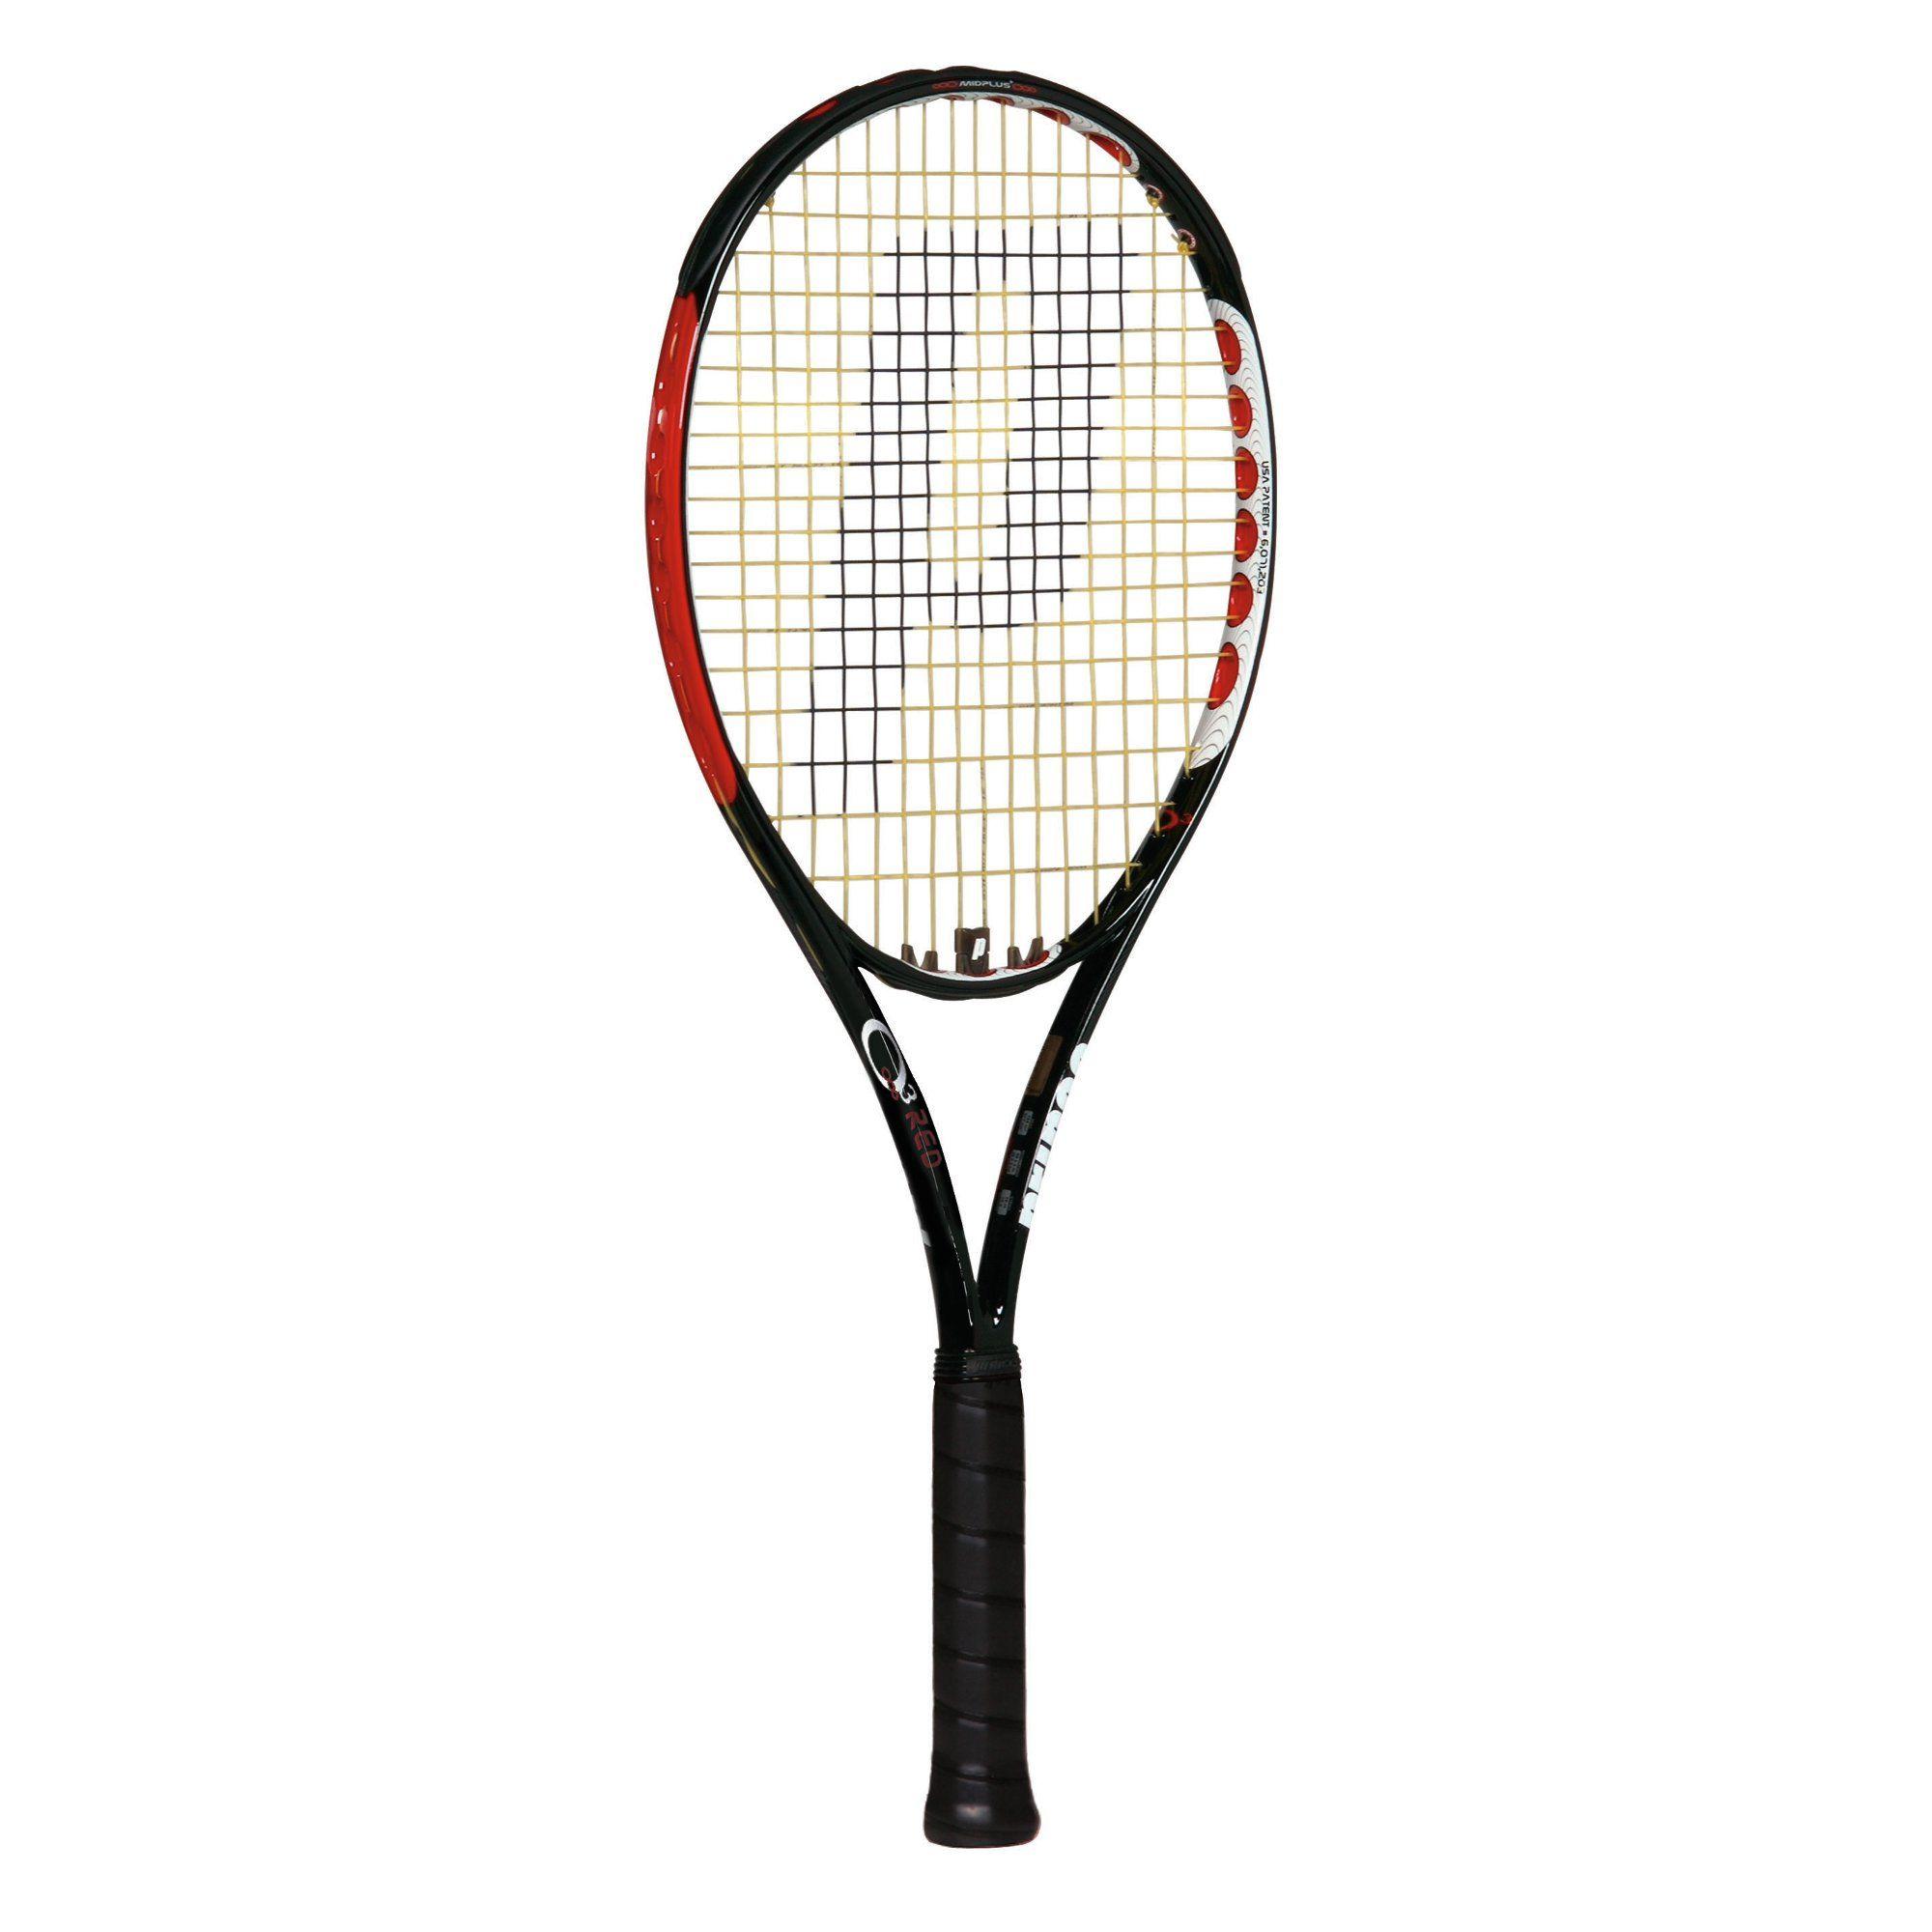 Prince O3 Red+ Tennis Racket - Sweatband.com